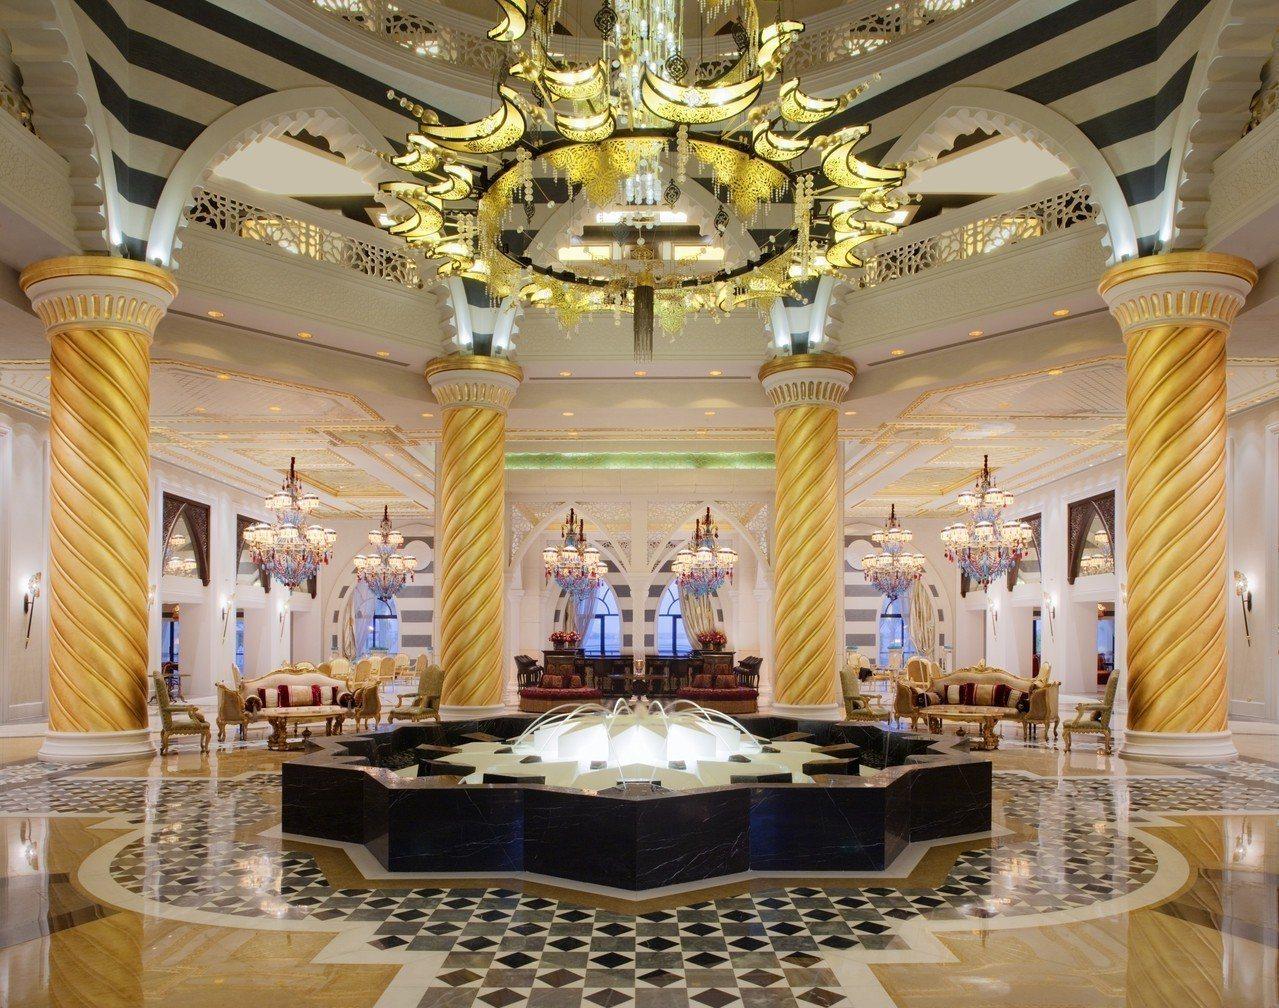 杜拜卓美亞棕櫚島斯布爾宮酒店大量使用水晶吊燈、手繪天花板和壁畫等元素。圖/杜拜卓...